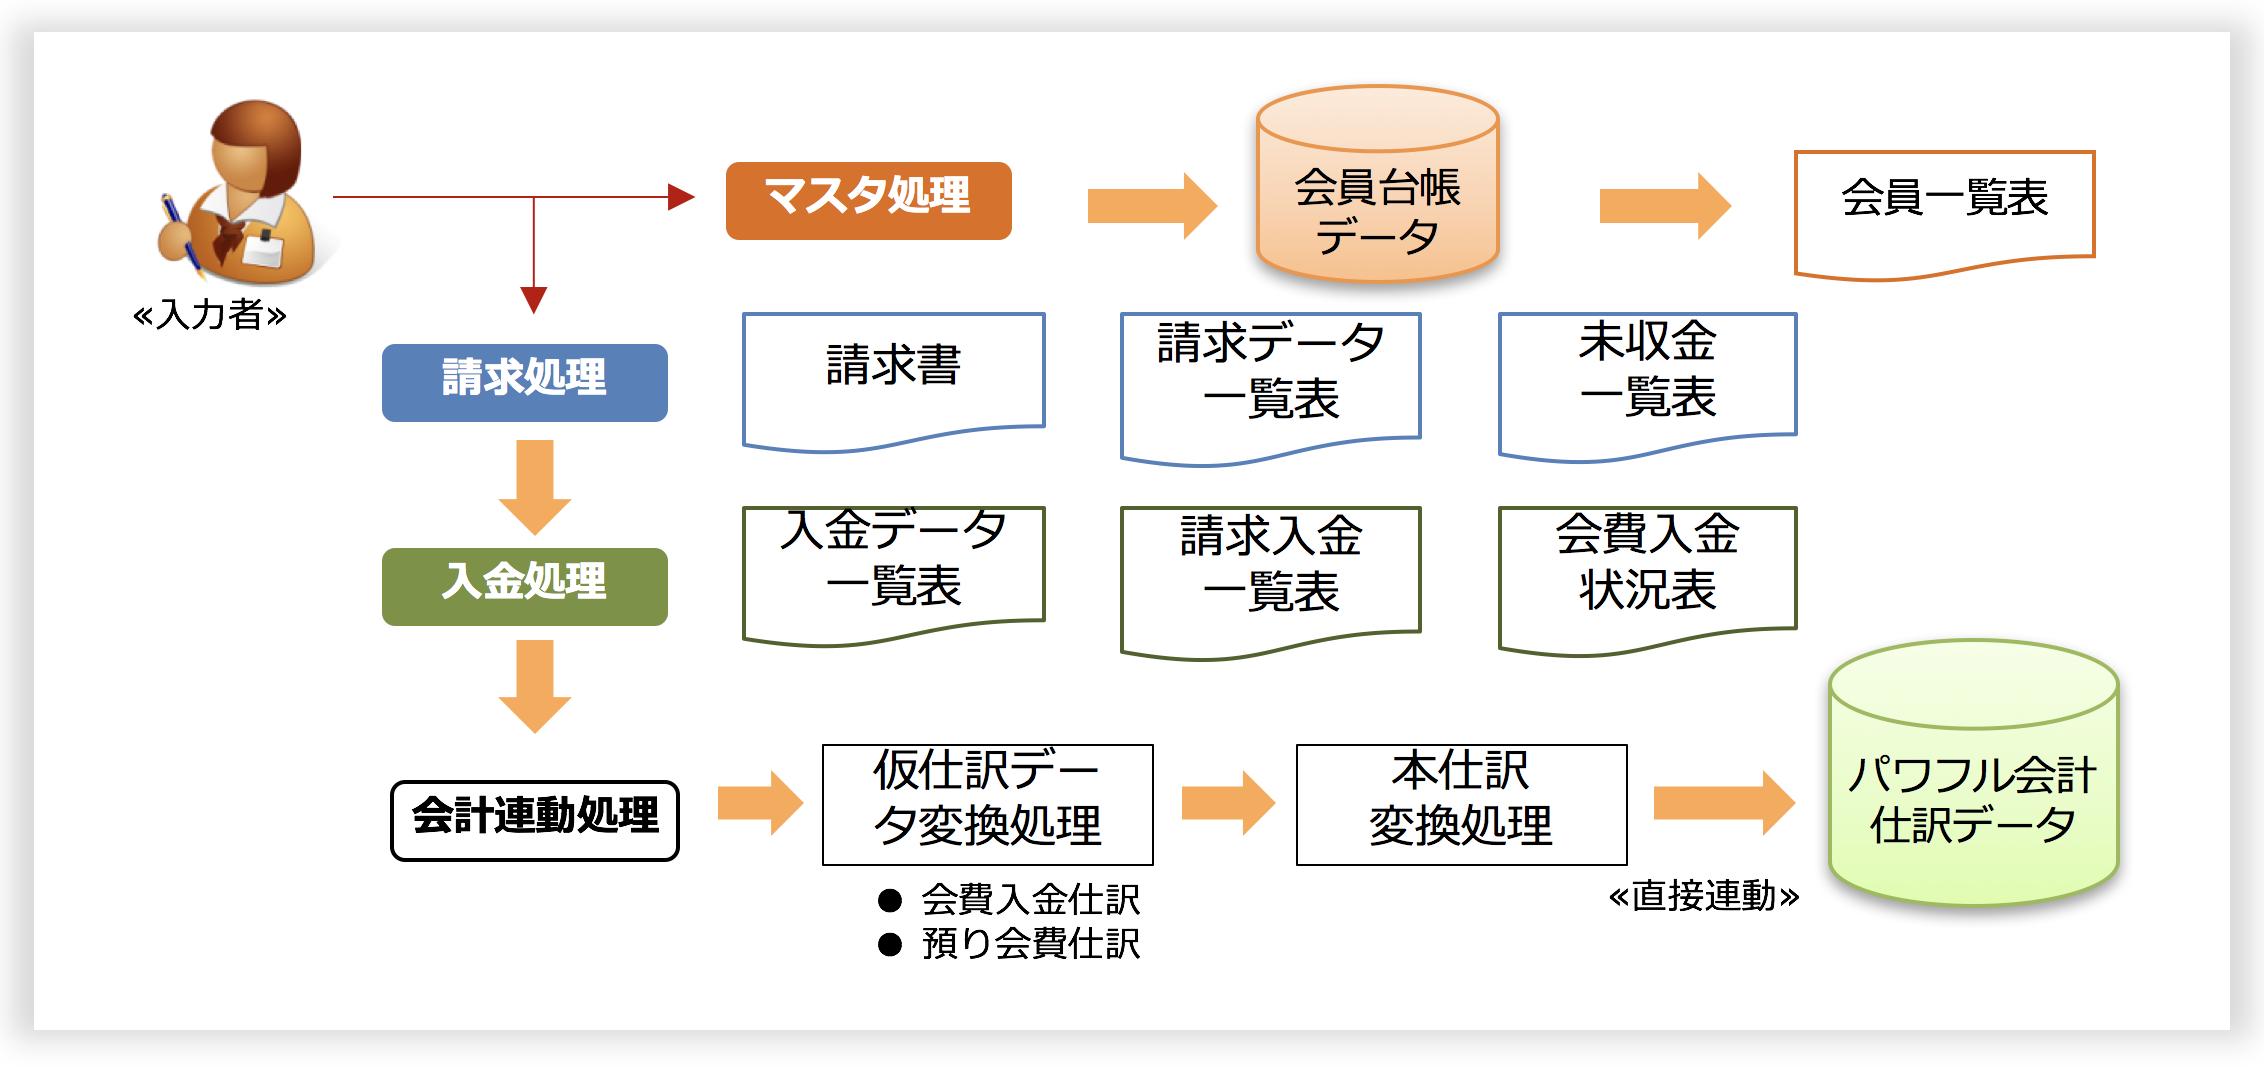 「会員管理システム」システム運用イメージ